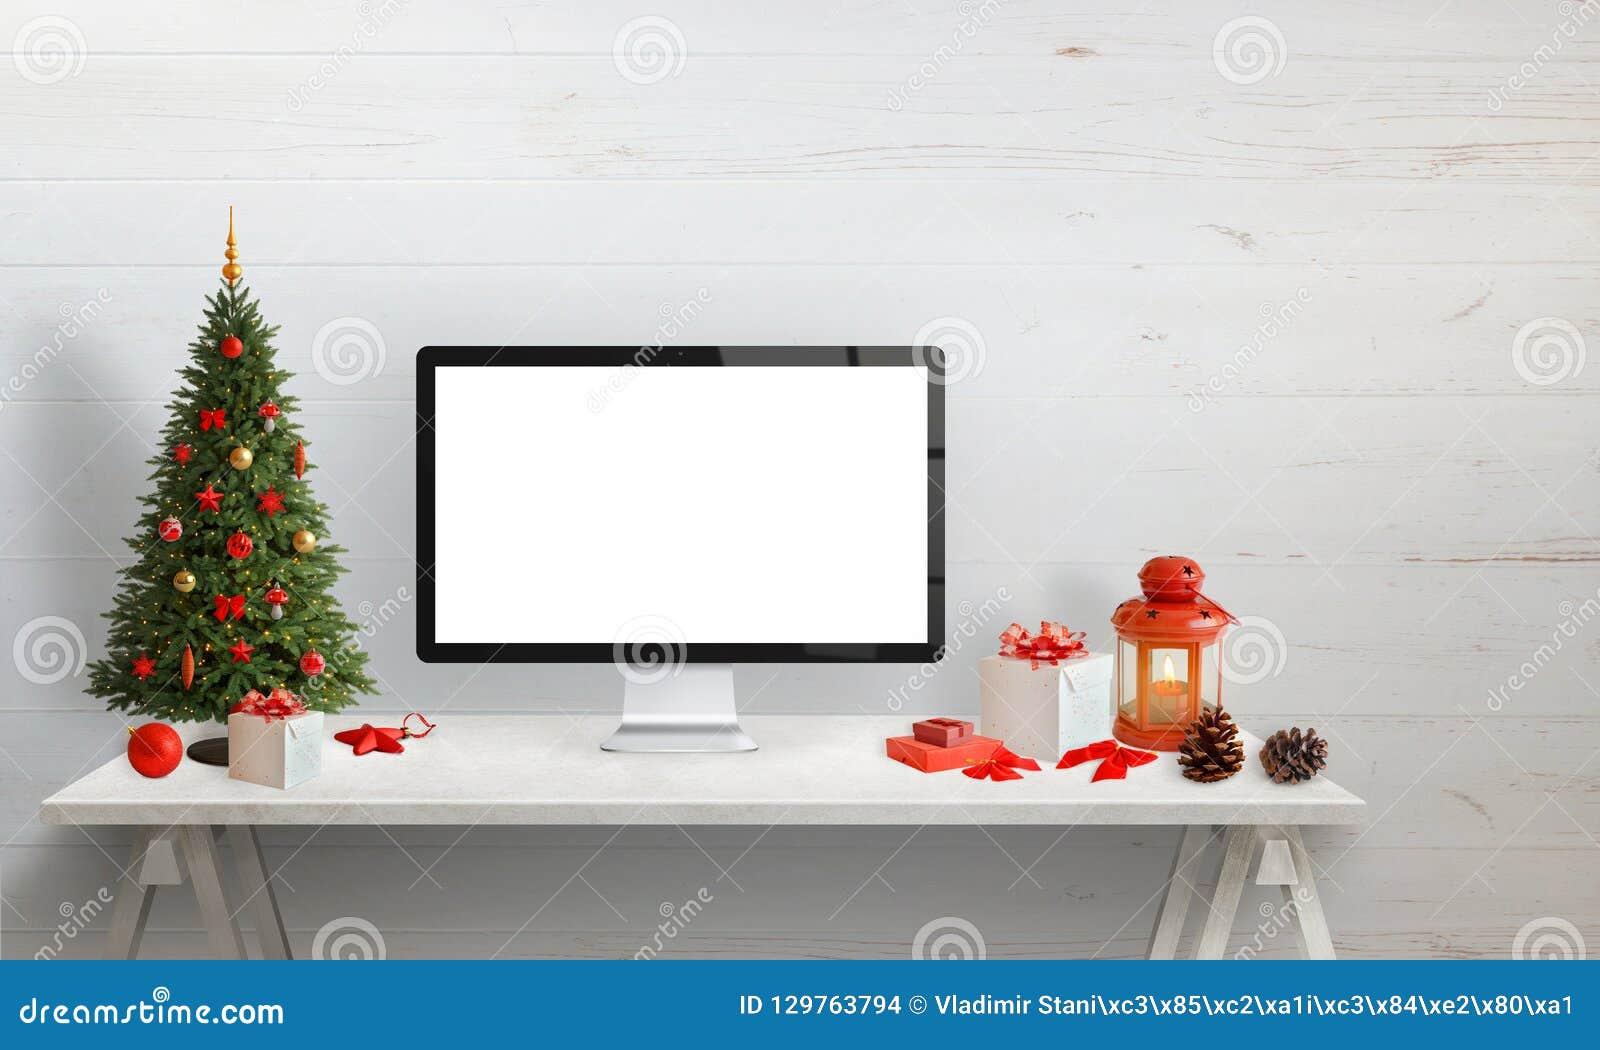 computer display mockup for web site presentation or christmas